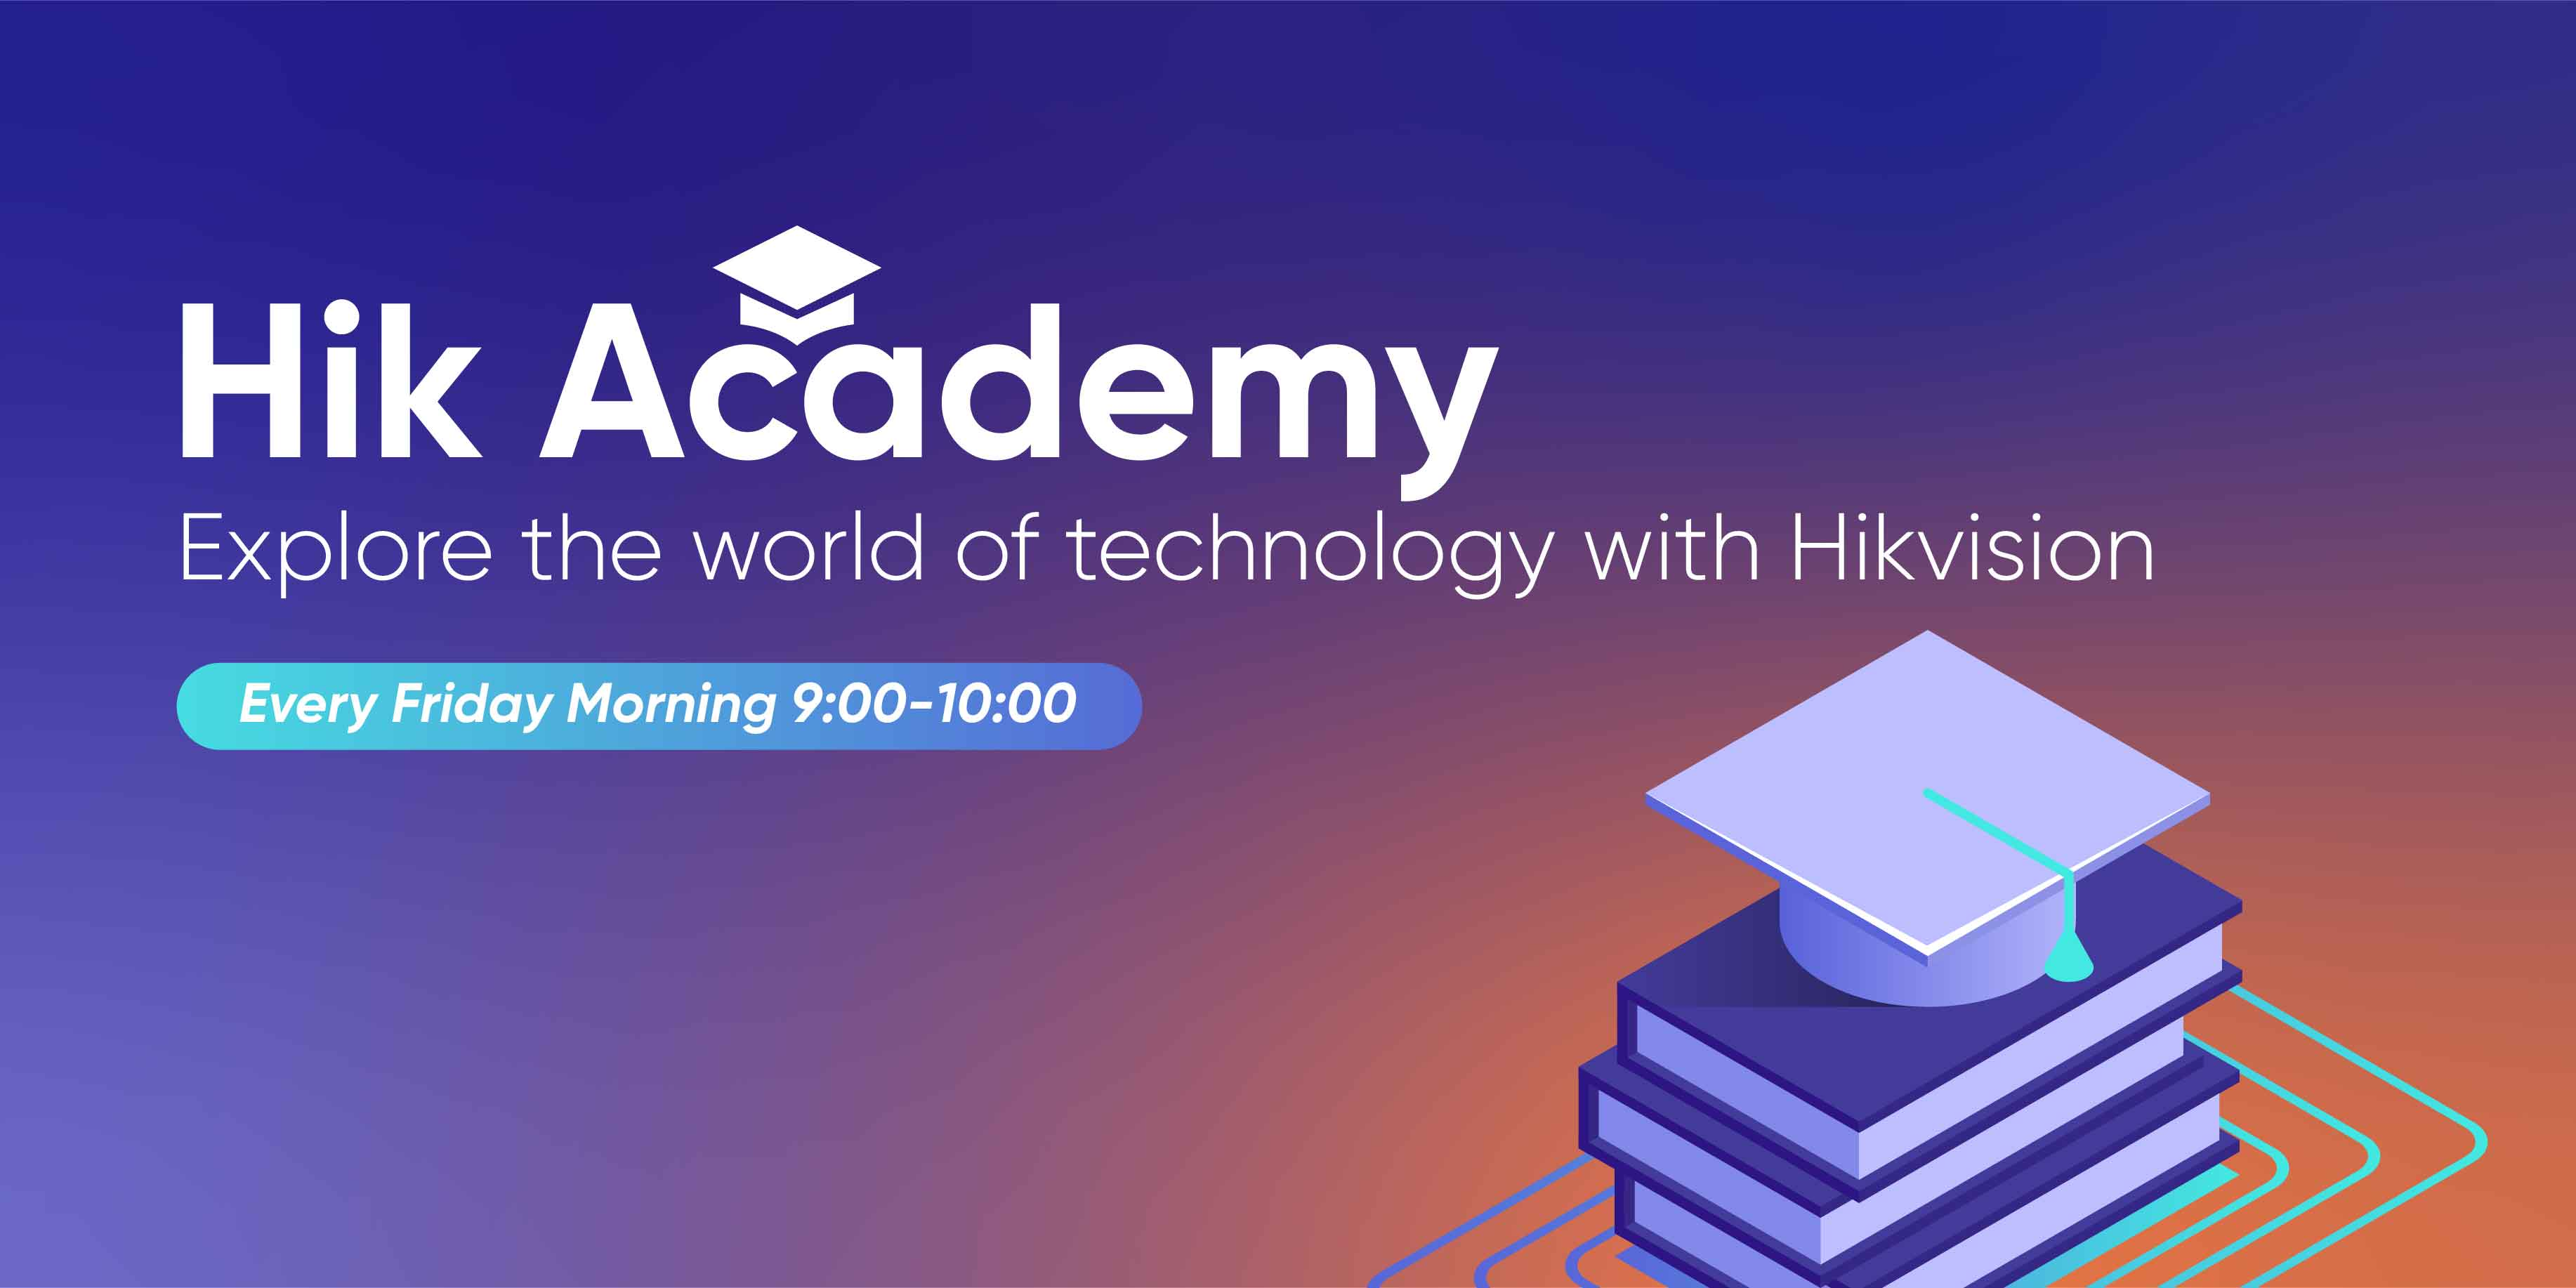 Hik spring academy_画板 1 副本 3-1